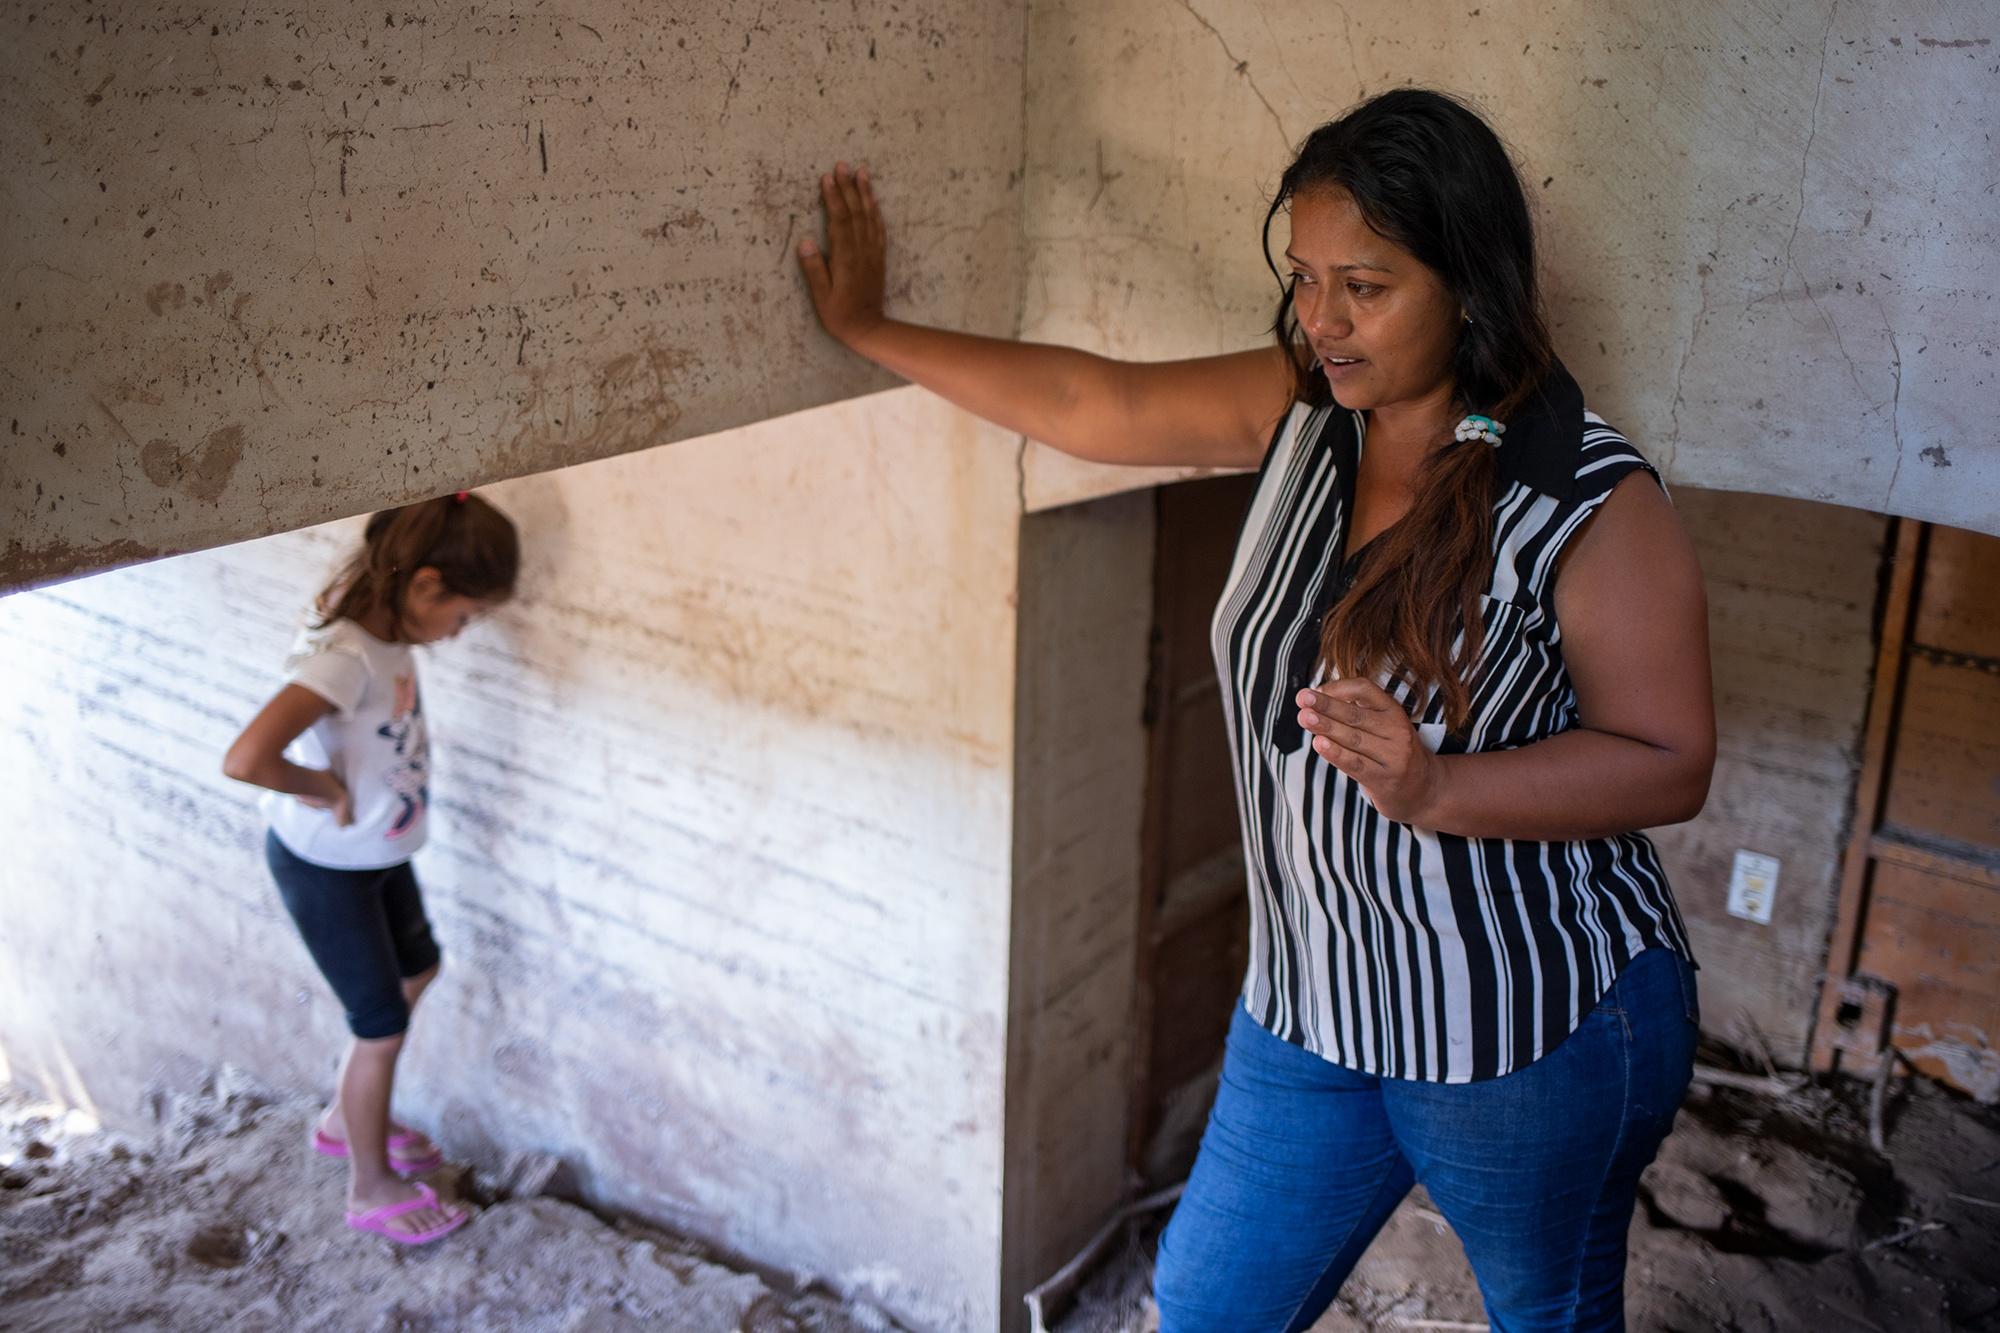 En el interior de la casa de su hermano, María narra cómo su familia lo perdió todo durante las tormentas tropicales Eta e Iota. Su familia intenta recuperarse tras las pérdidas por las inundaciones. Chinda, Santa Bárbara, 27 de enero de 2021. Foto: Martín Cálix.